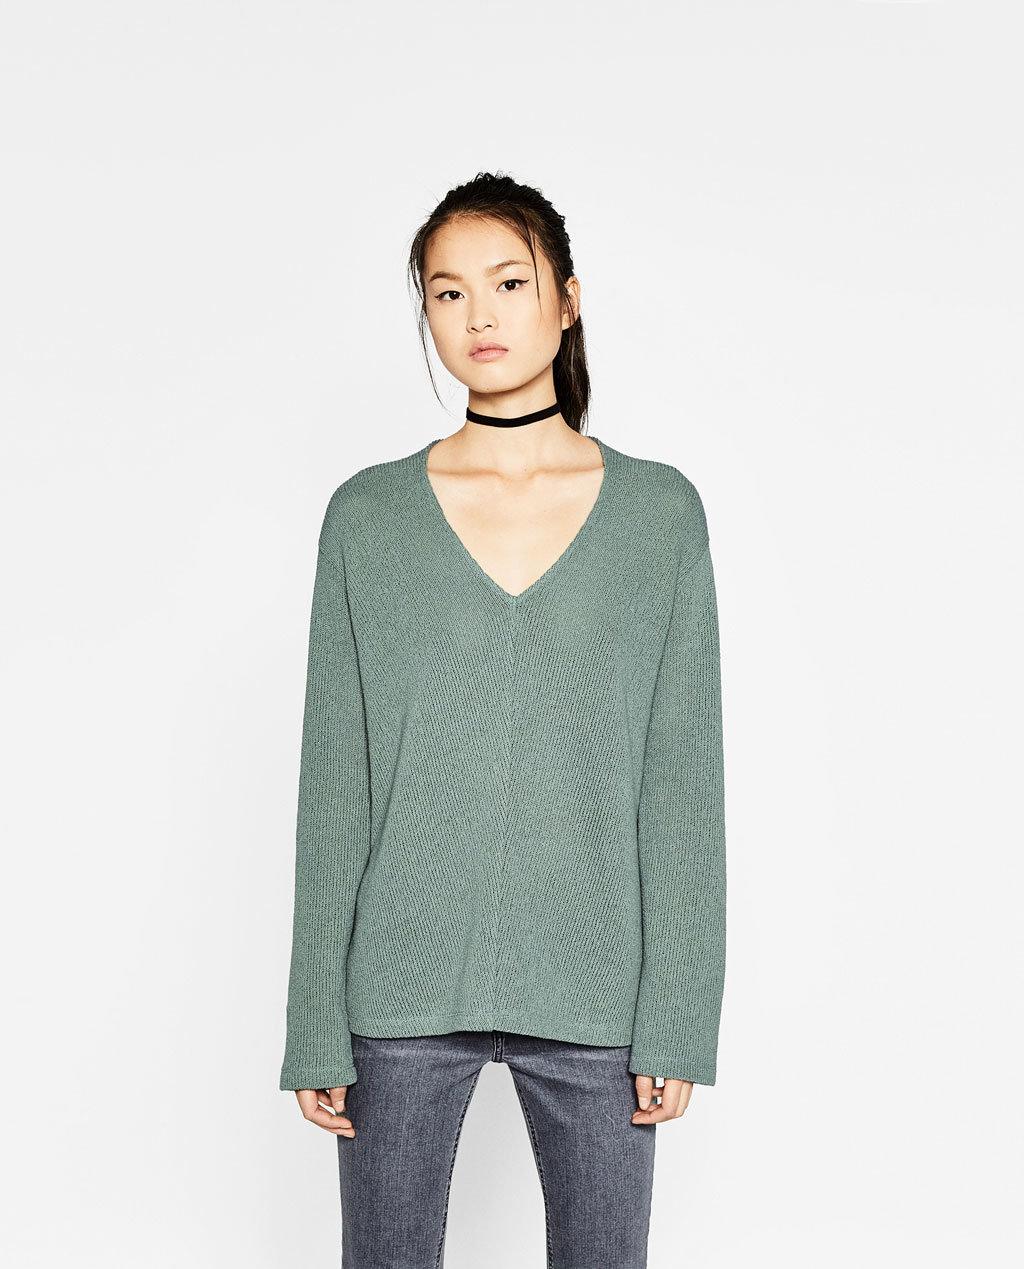 Fashioned Women Knitting Sweaters